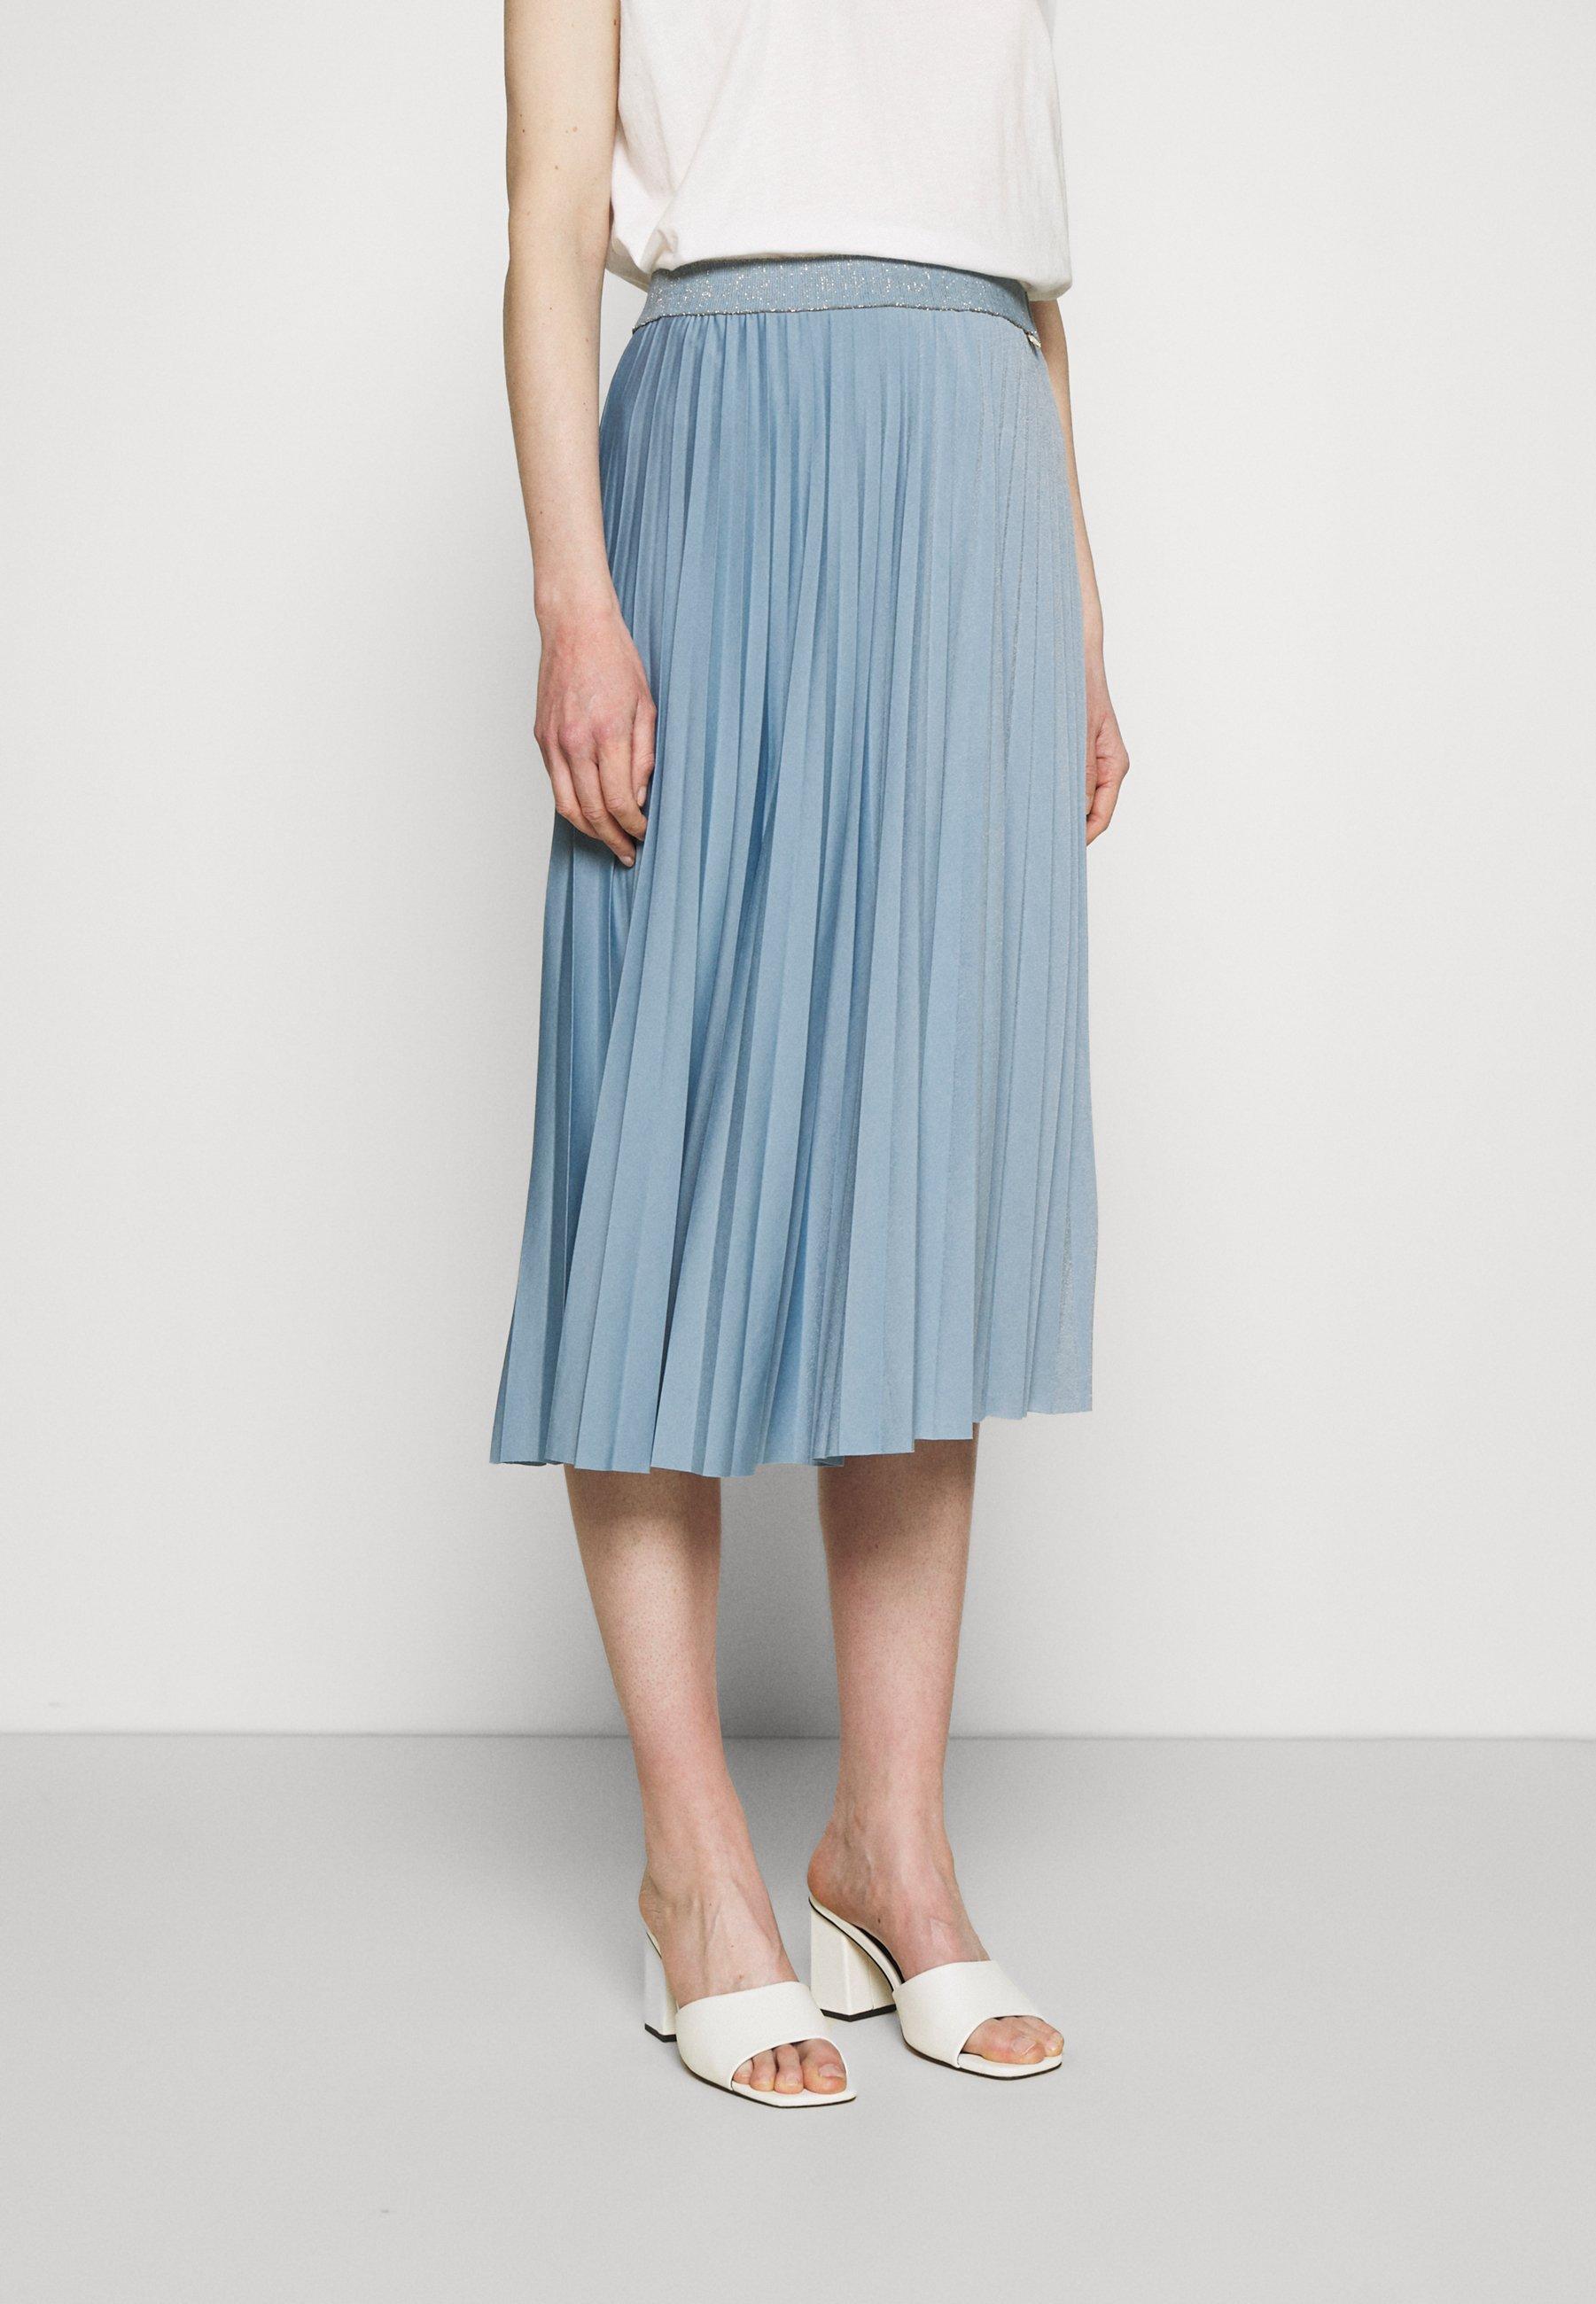 Femme PLISSEE SKIRT - Jupe plissée